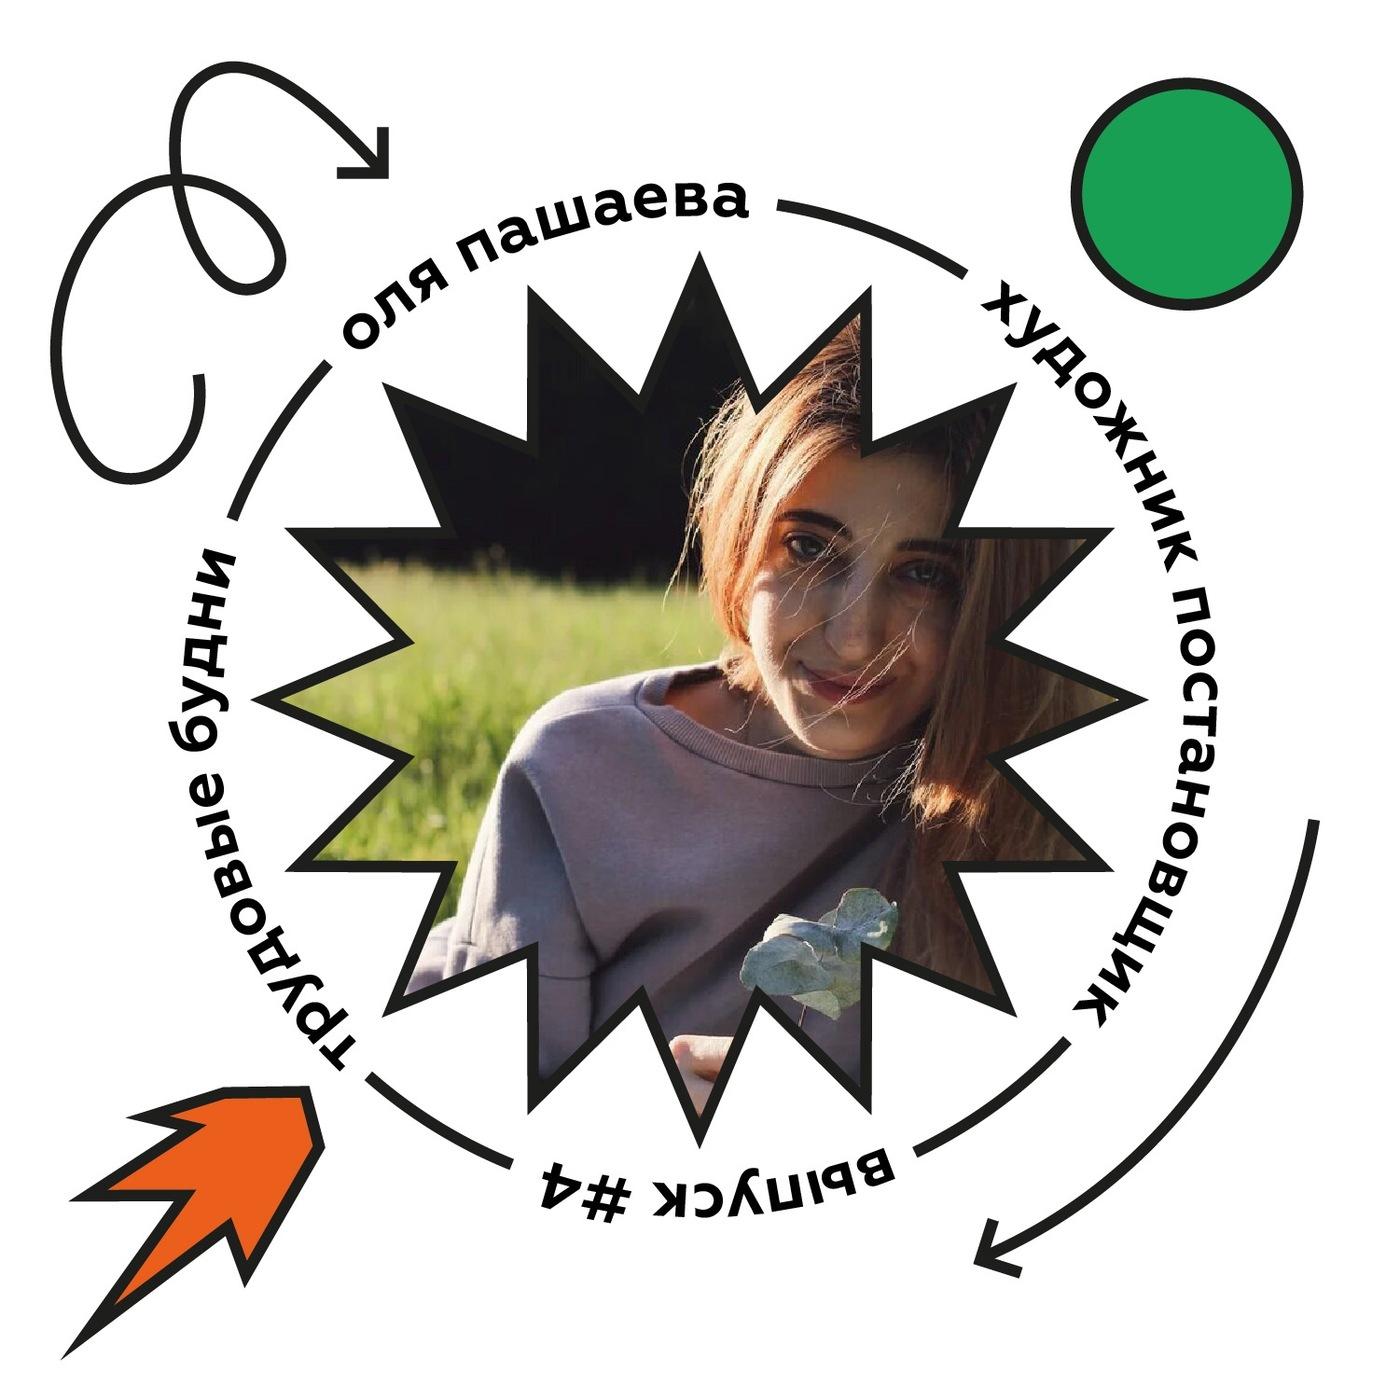 Оля Пашаева - художник-постановщик. Рассказала про работу в театре, кино, рекламе и клипах.